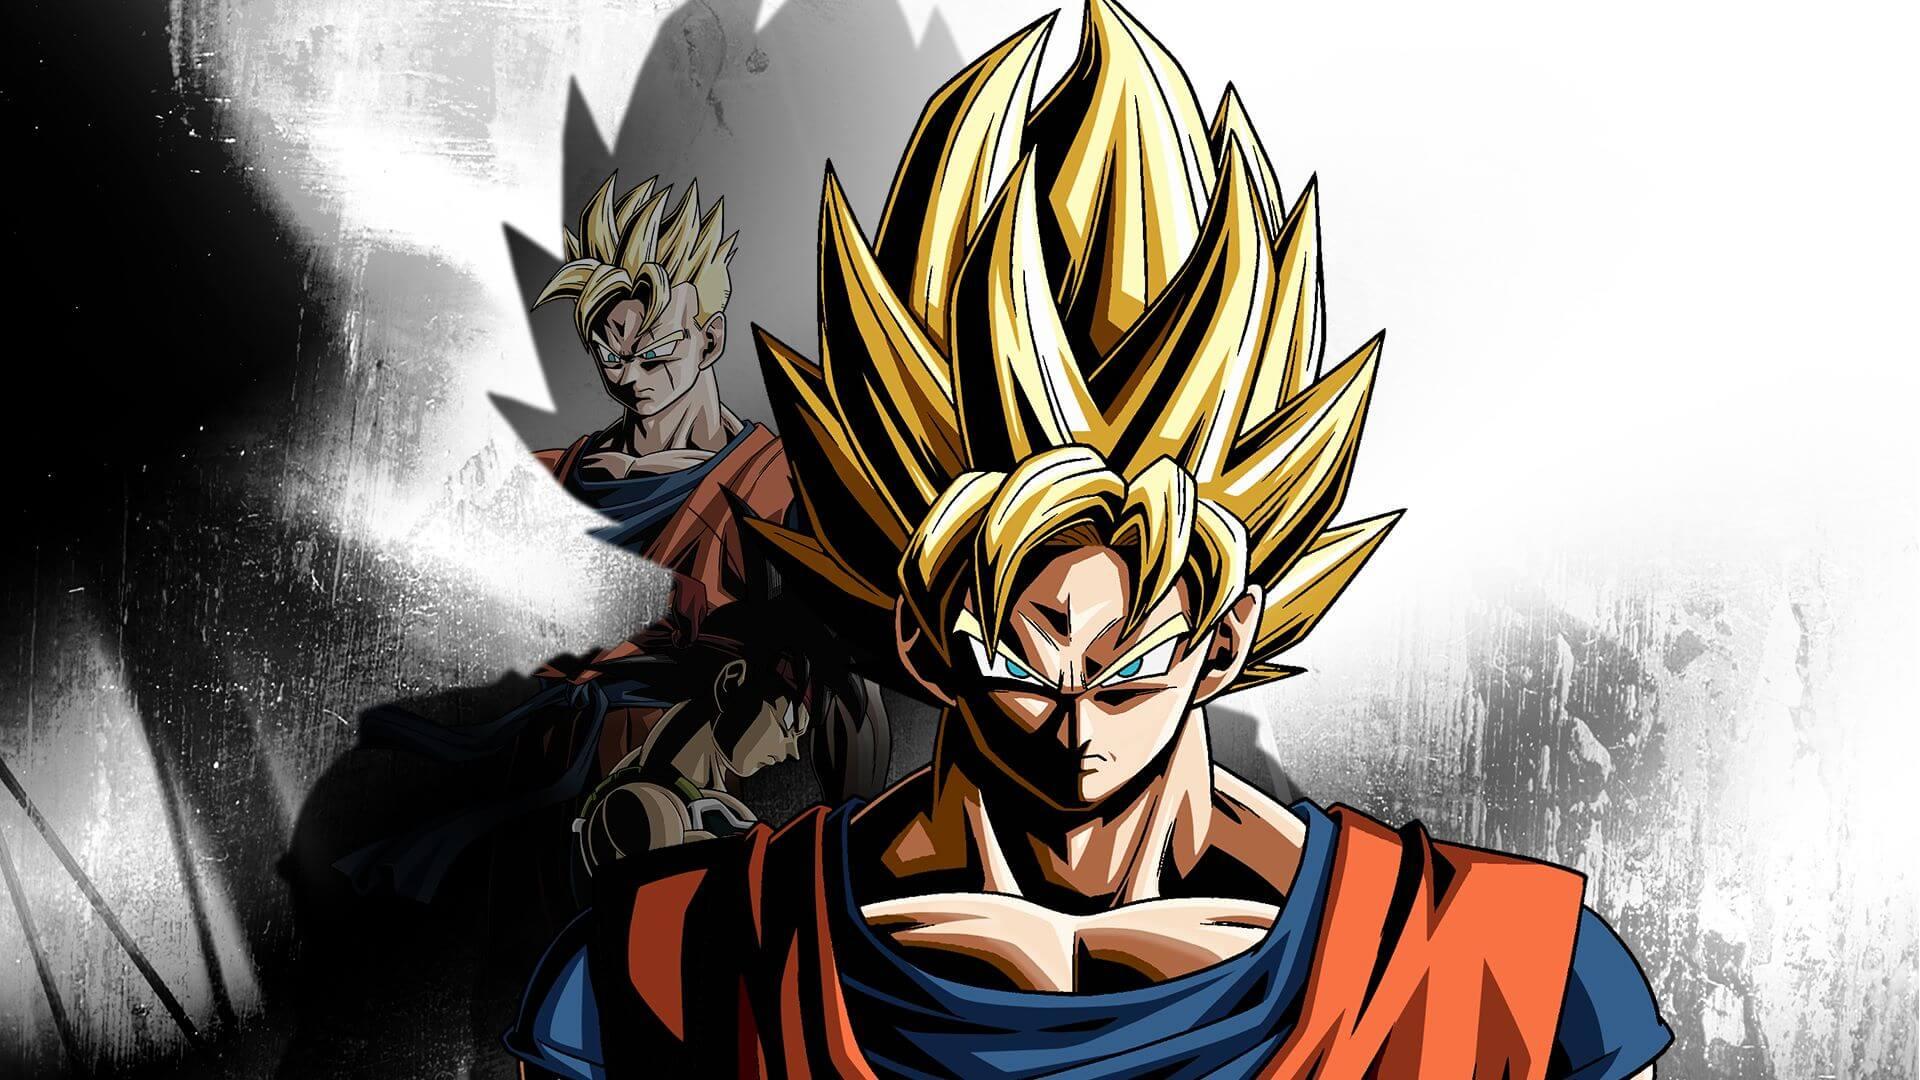 Bandai Namco anuncia la versión gratuita Dragon Ball Xenoverse 2 Lite